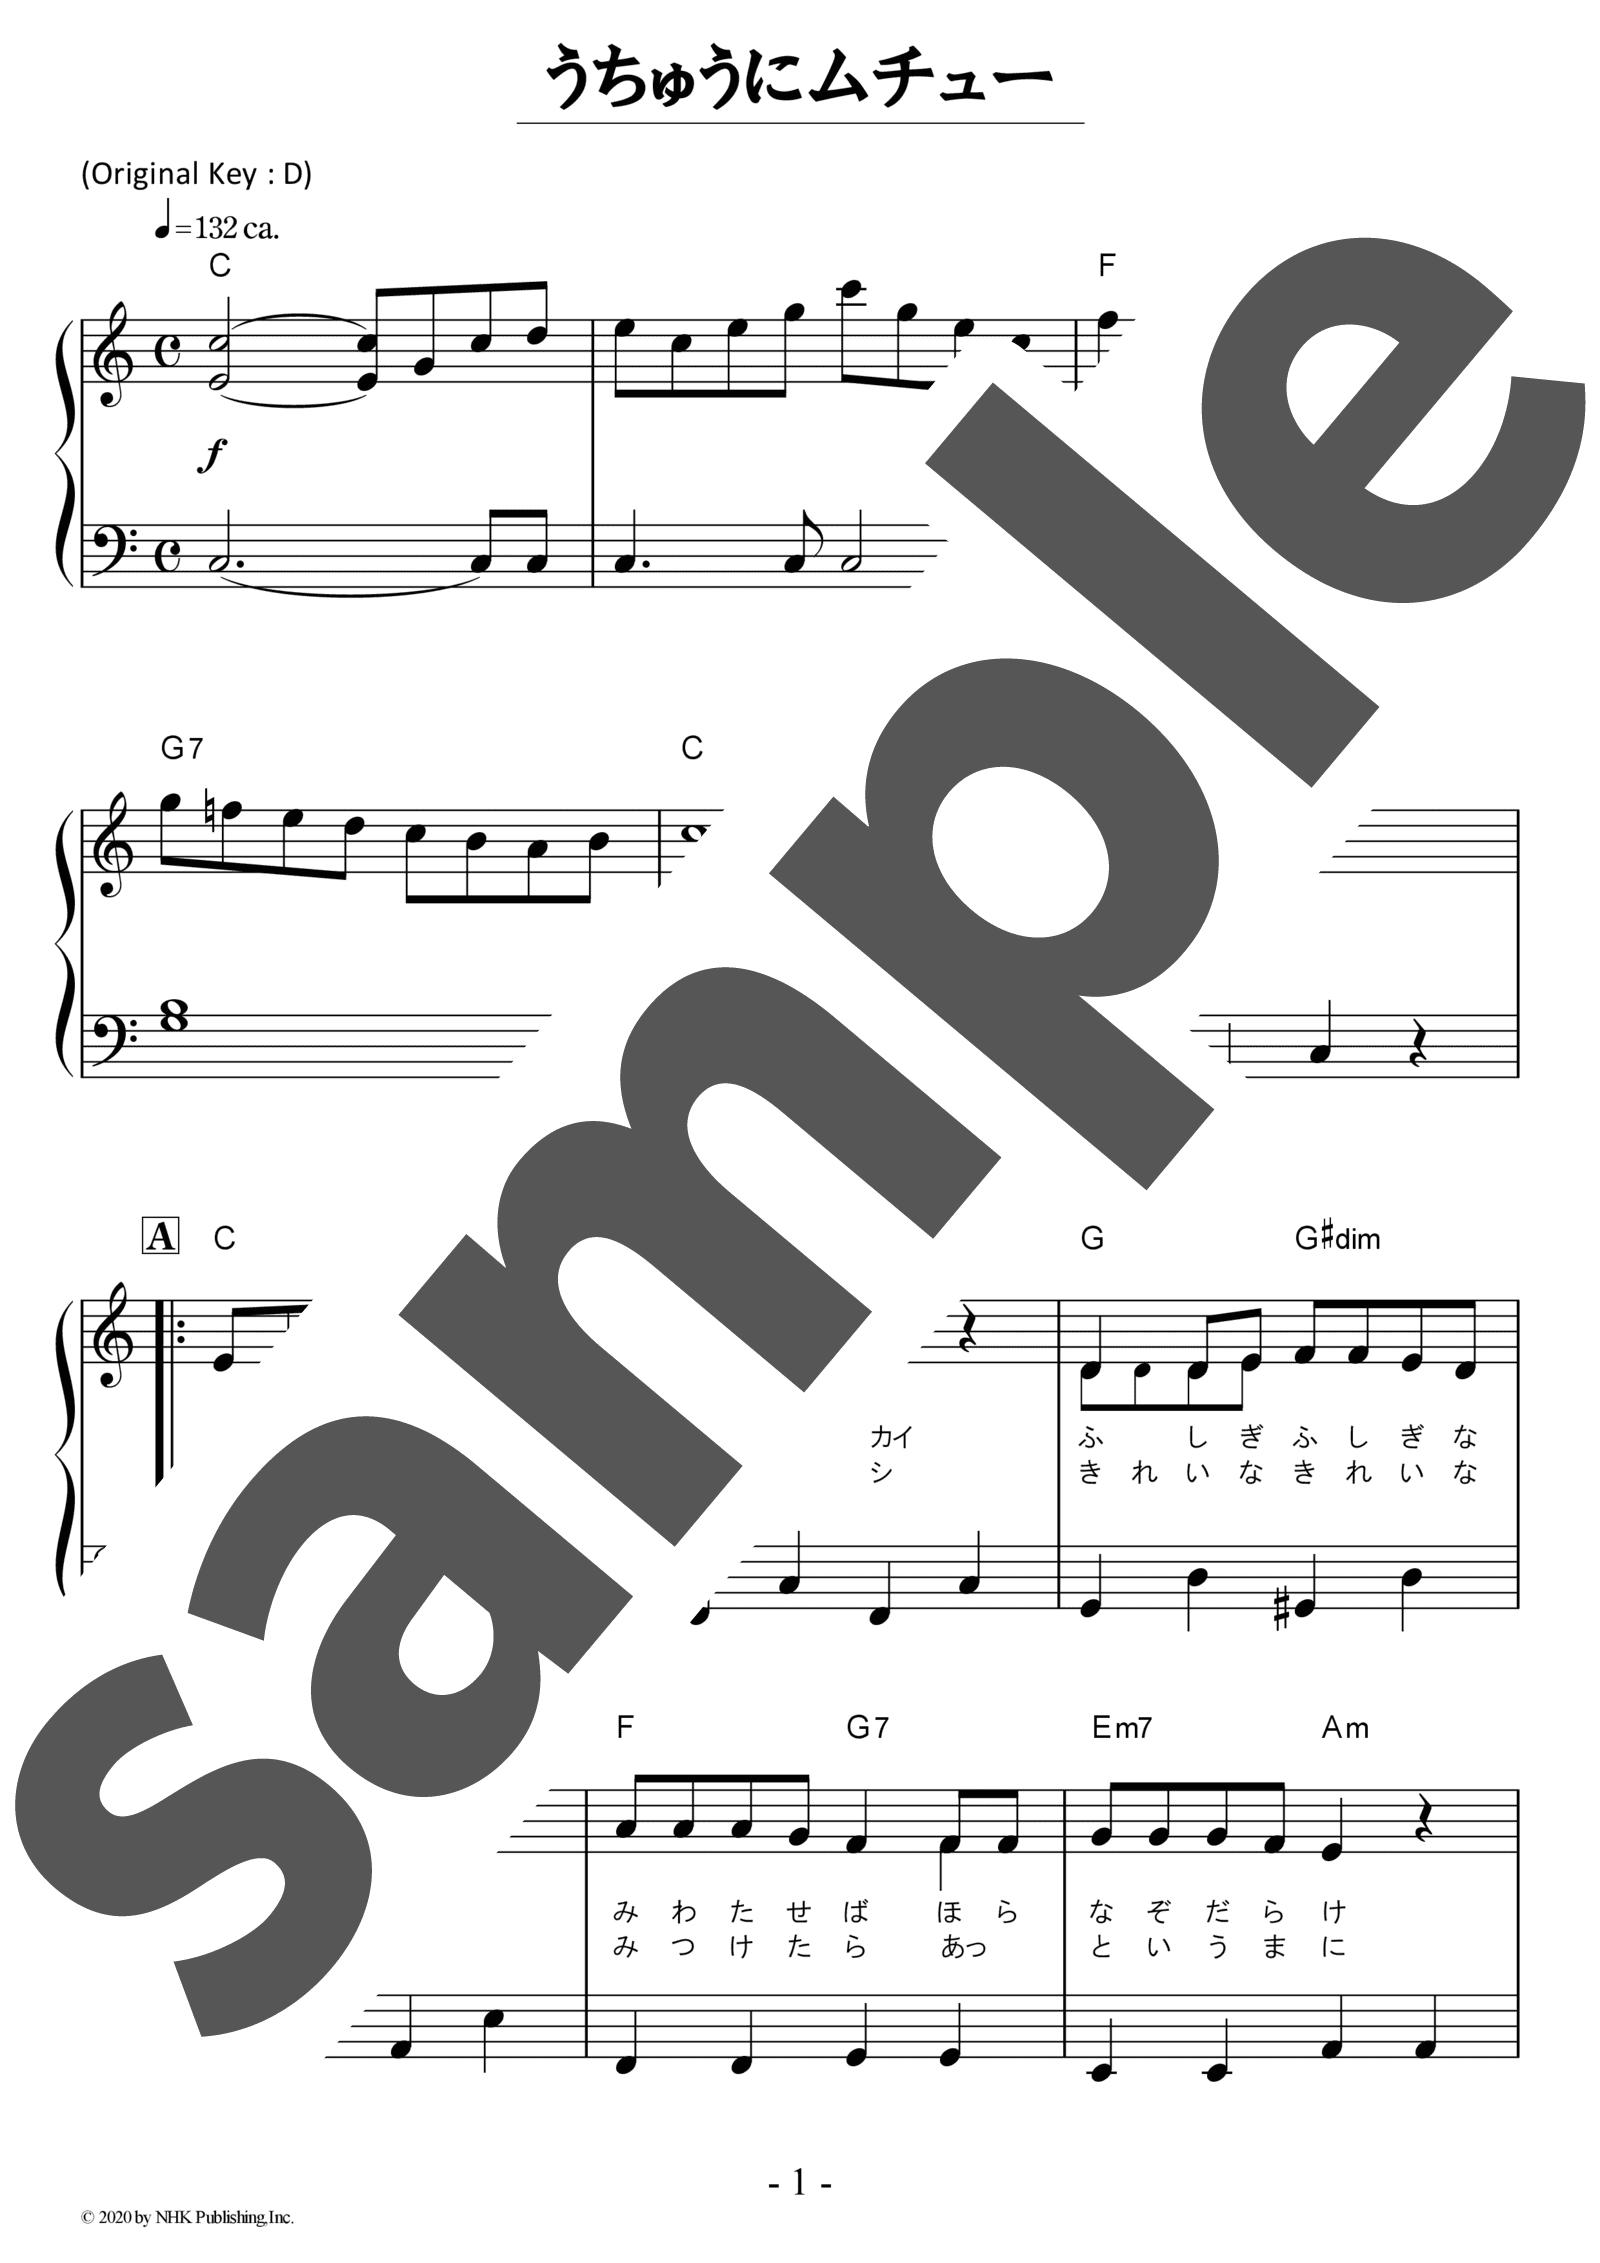 「うちゅうにムチュー」のサンプル楽譜